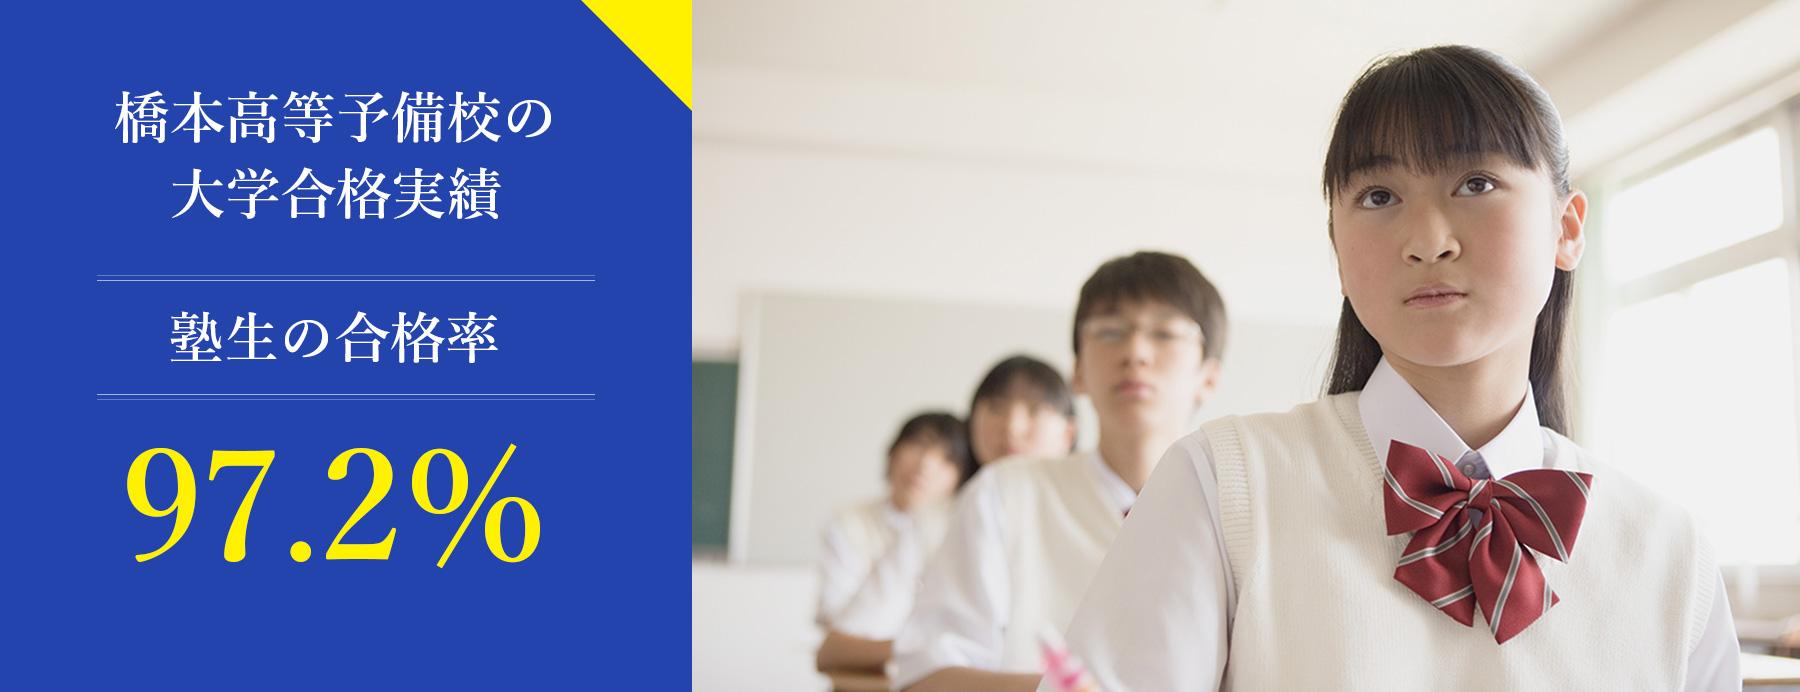 大学合格実績 東大、早稲田、医学部など難関大合格は橋本の進学塾・予備校ハシケンHASHIKEN